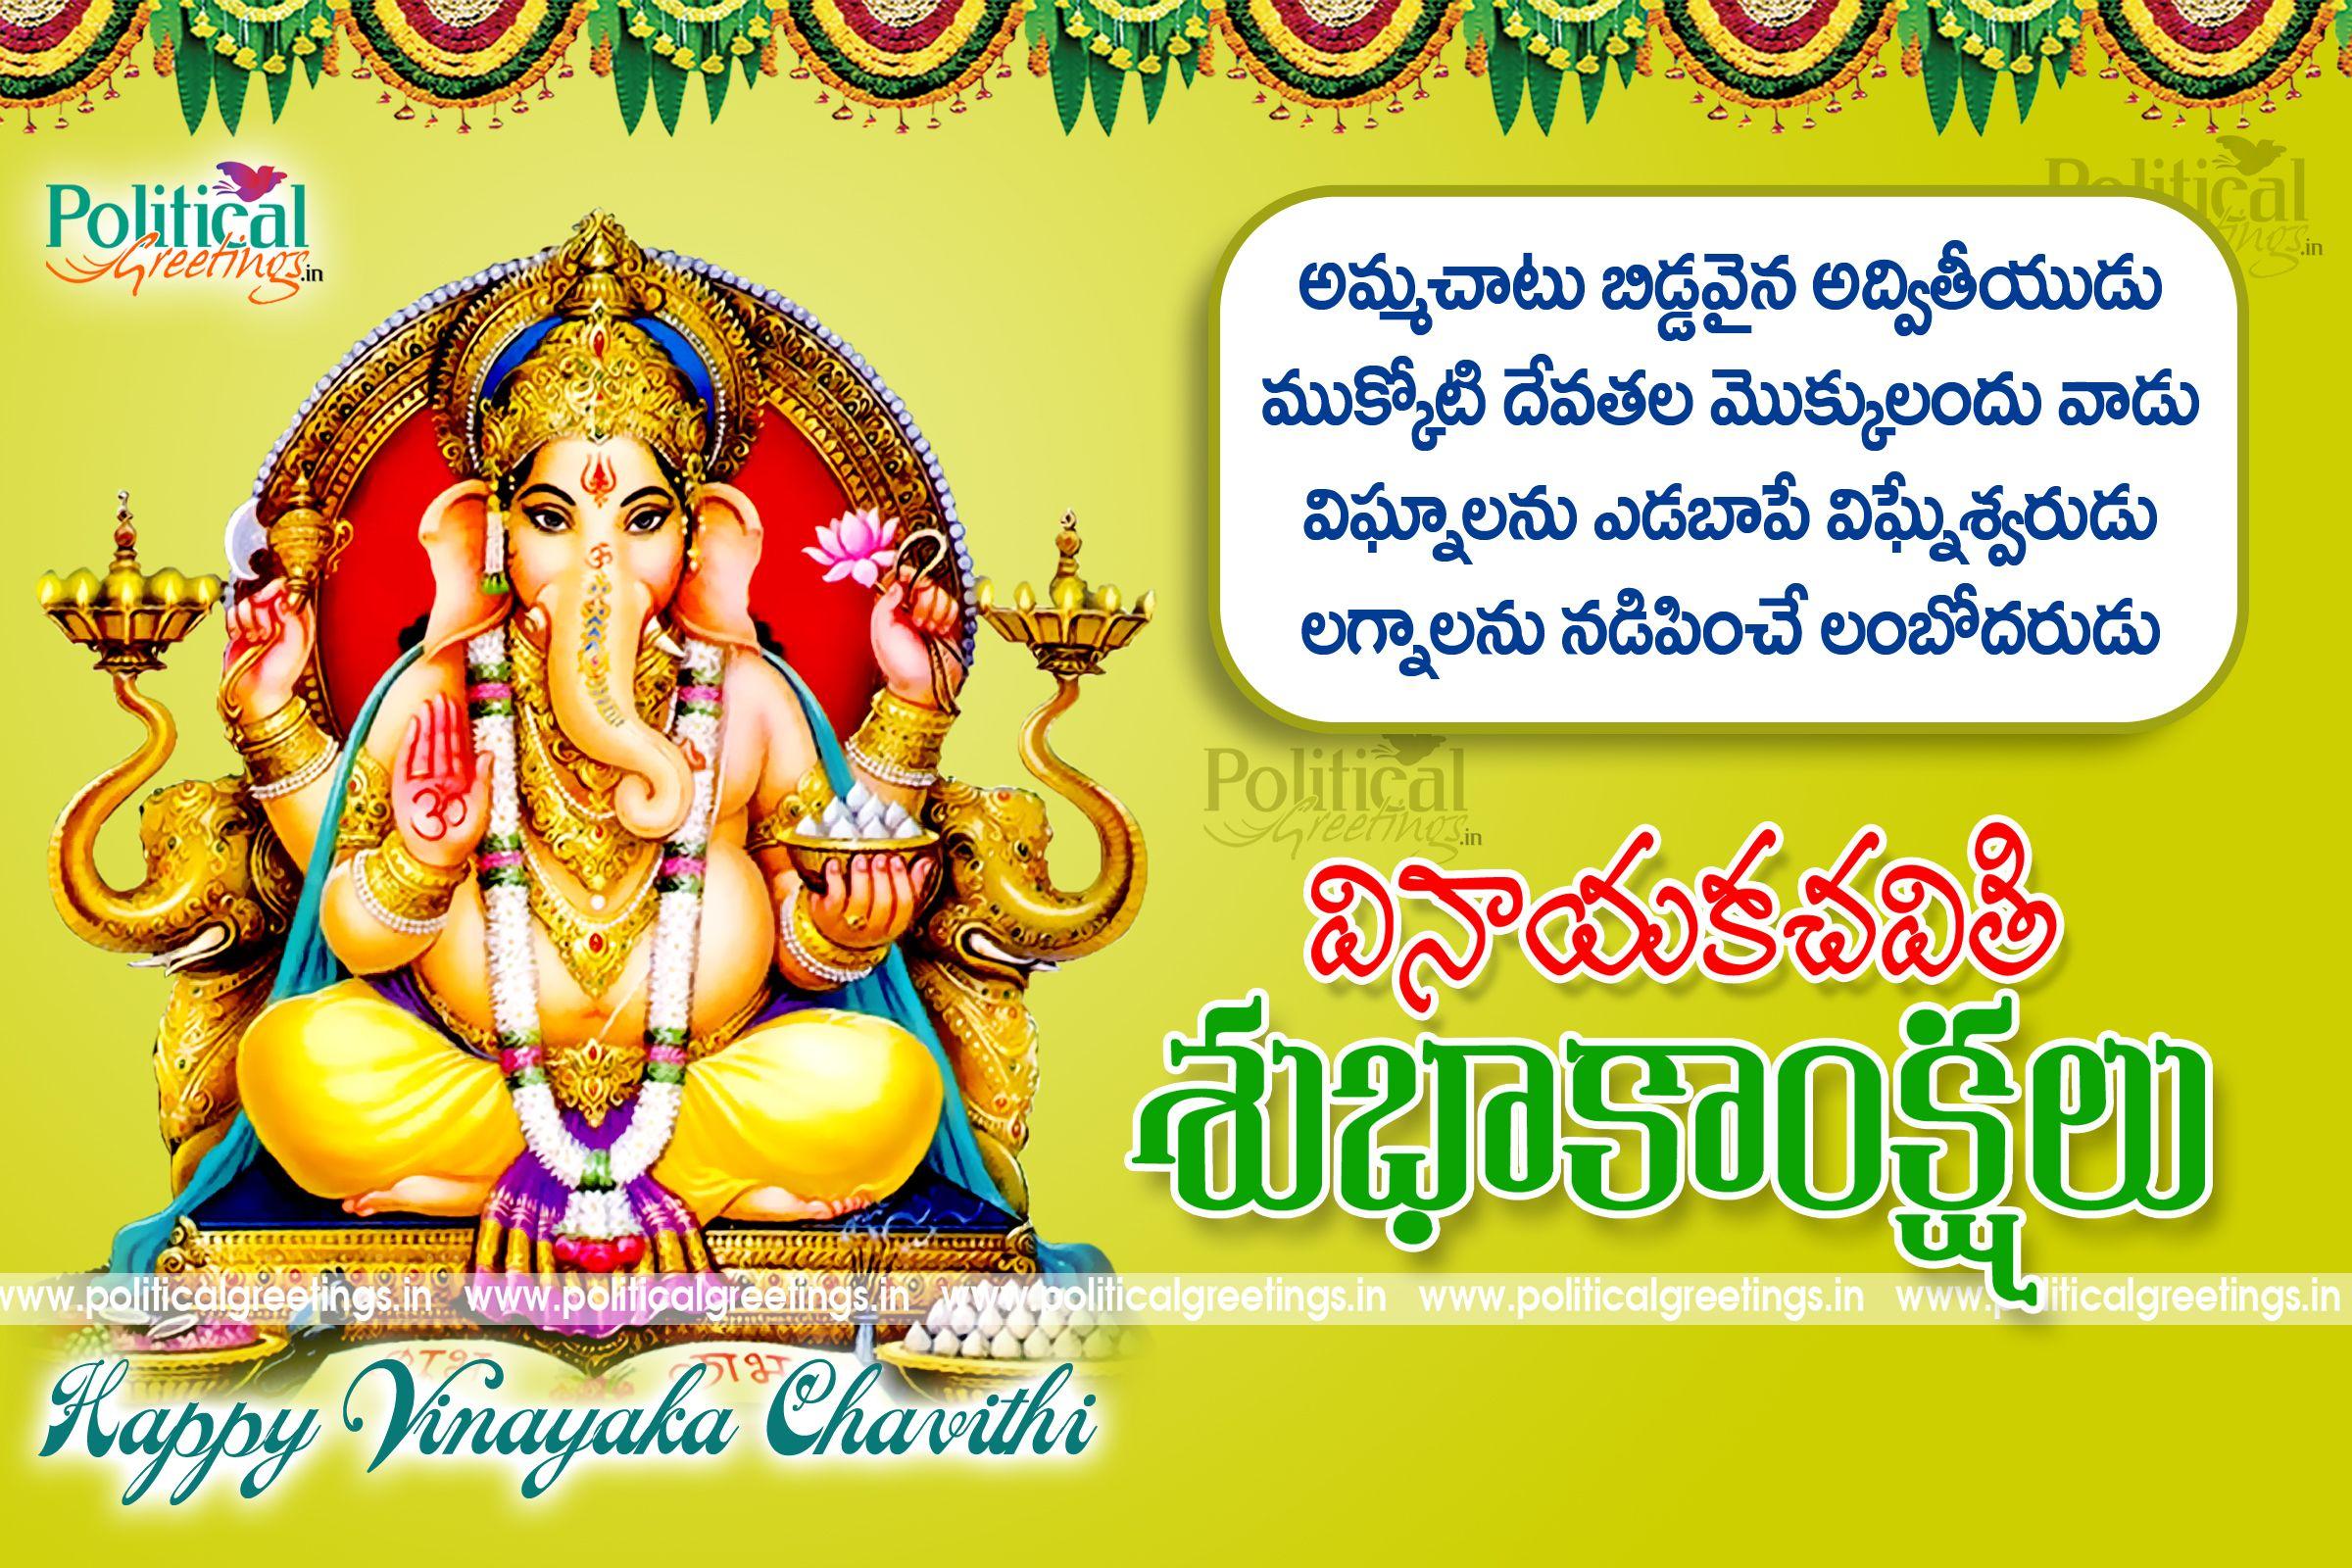 Telugu Vinayaka Chaviti Quotations Messages In Telugu And Wallpapers